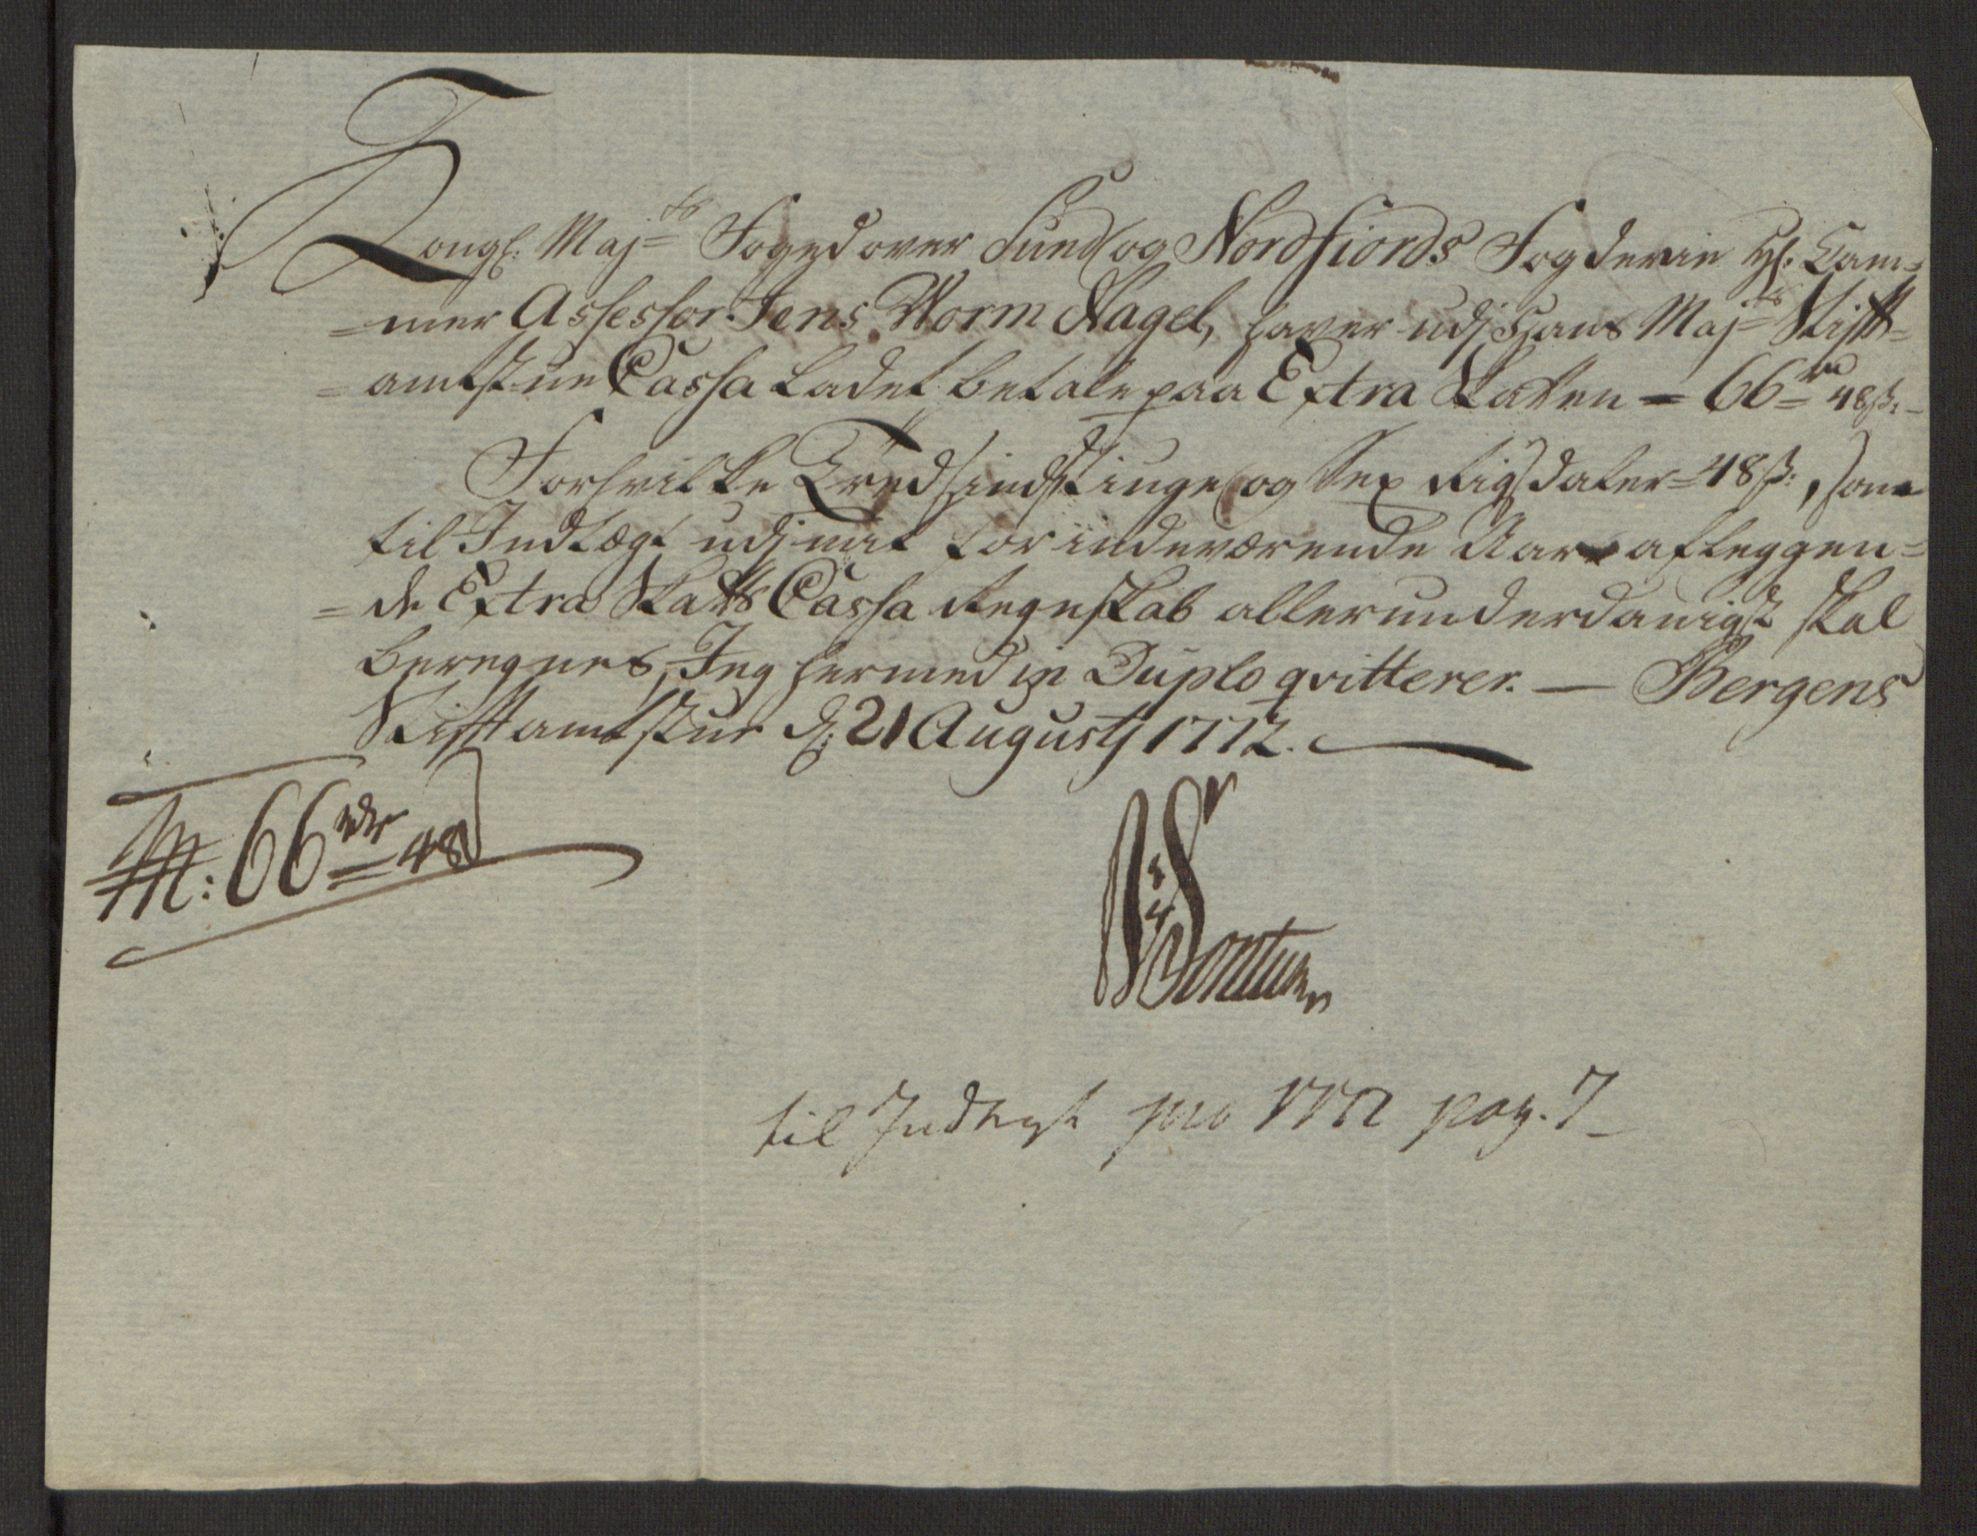 RA, Rentekammeret inntil 1814, Reviderte regnskaper, Fogderegnskap, R53/L3551: Ekstraskatten Sunn- og Nordfjord, 1772, s. 39